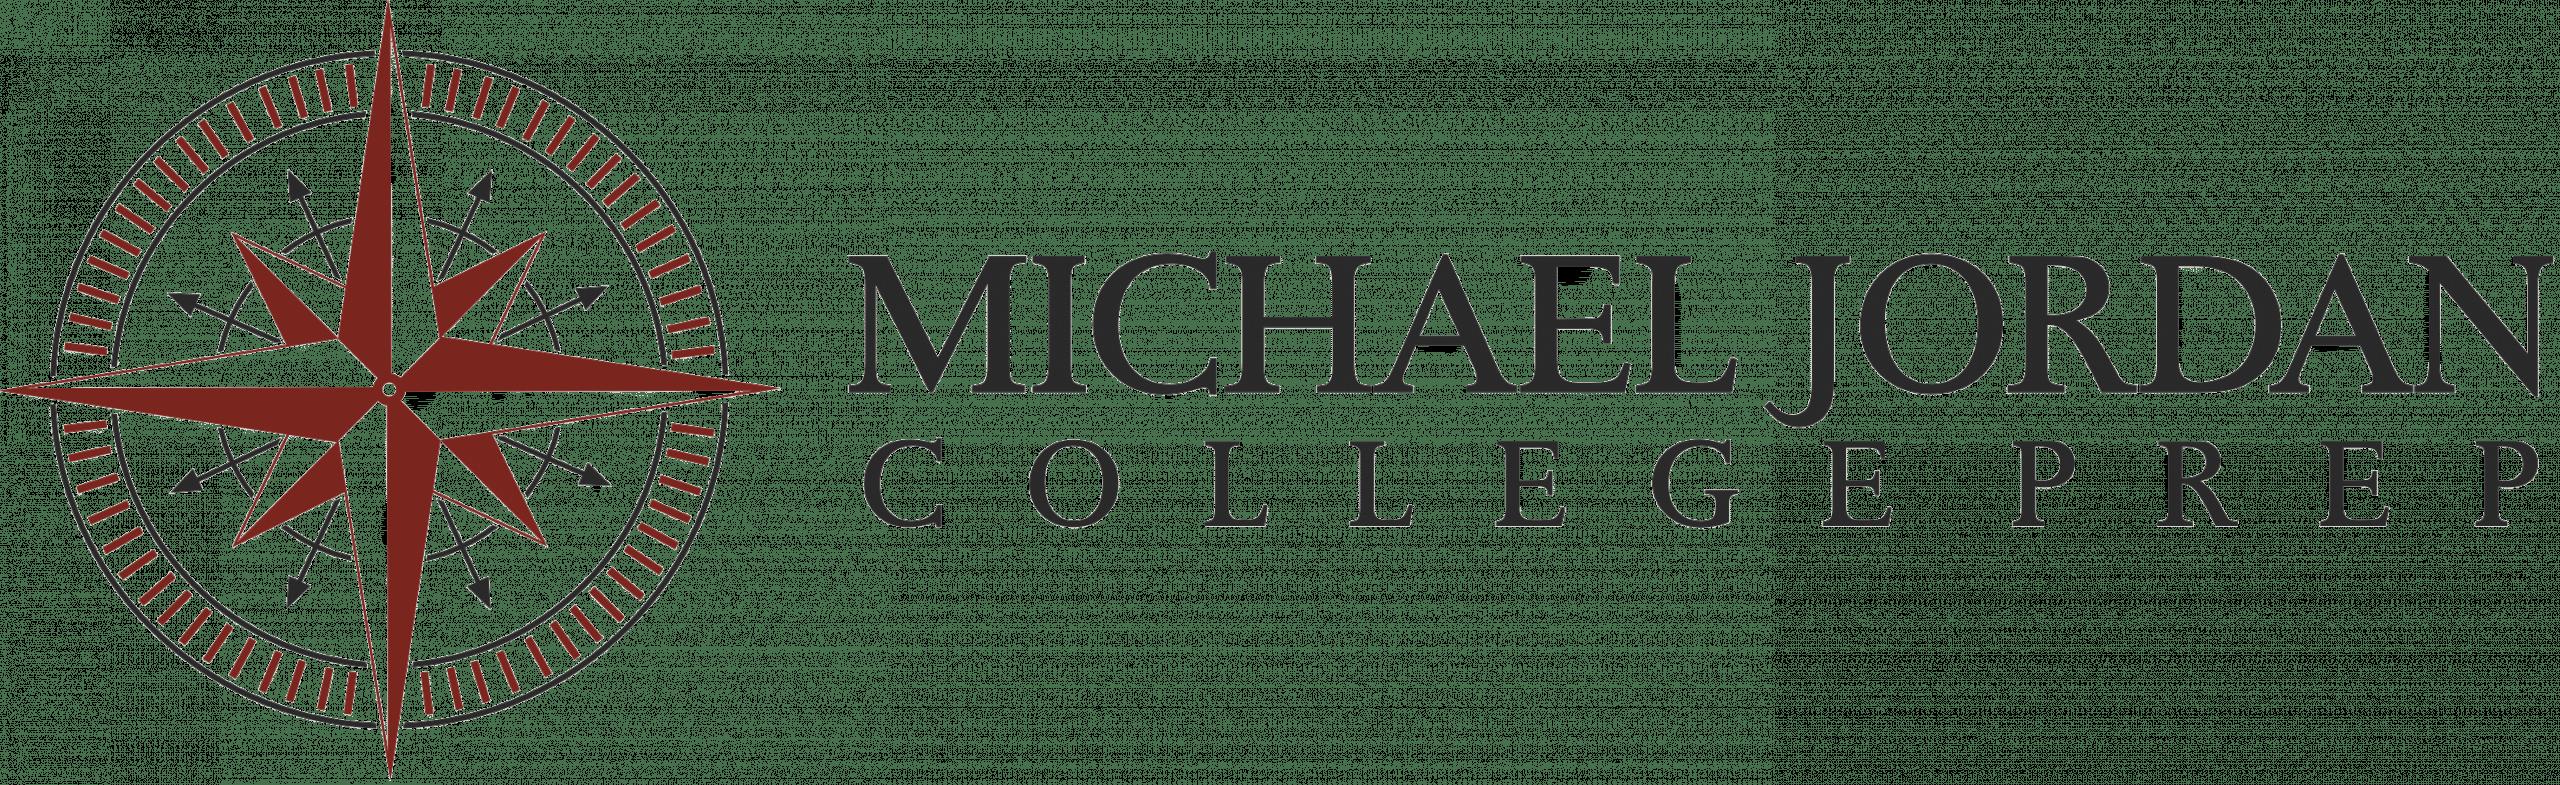 Michael Jordan College Prep